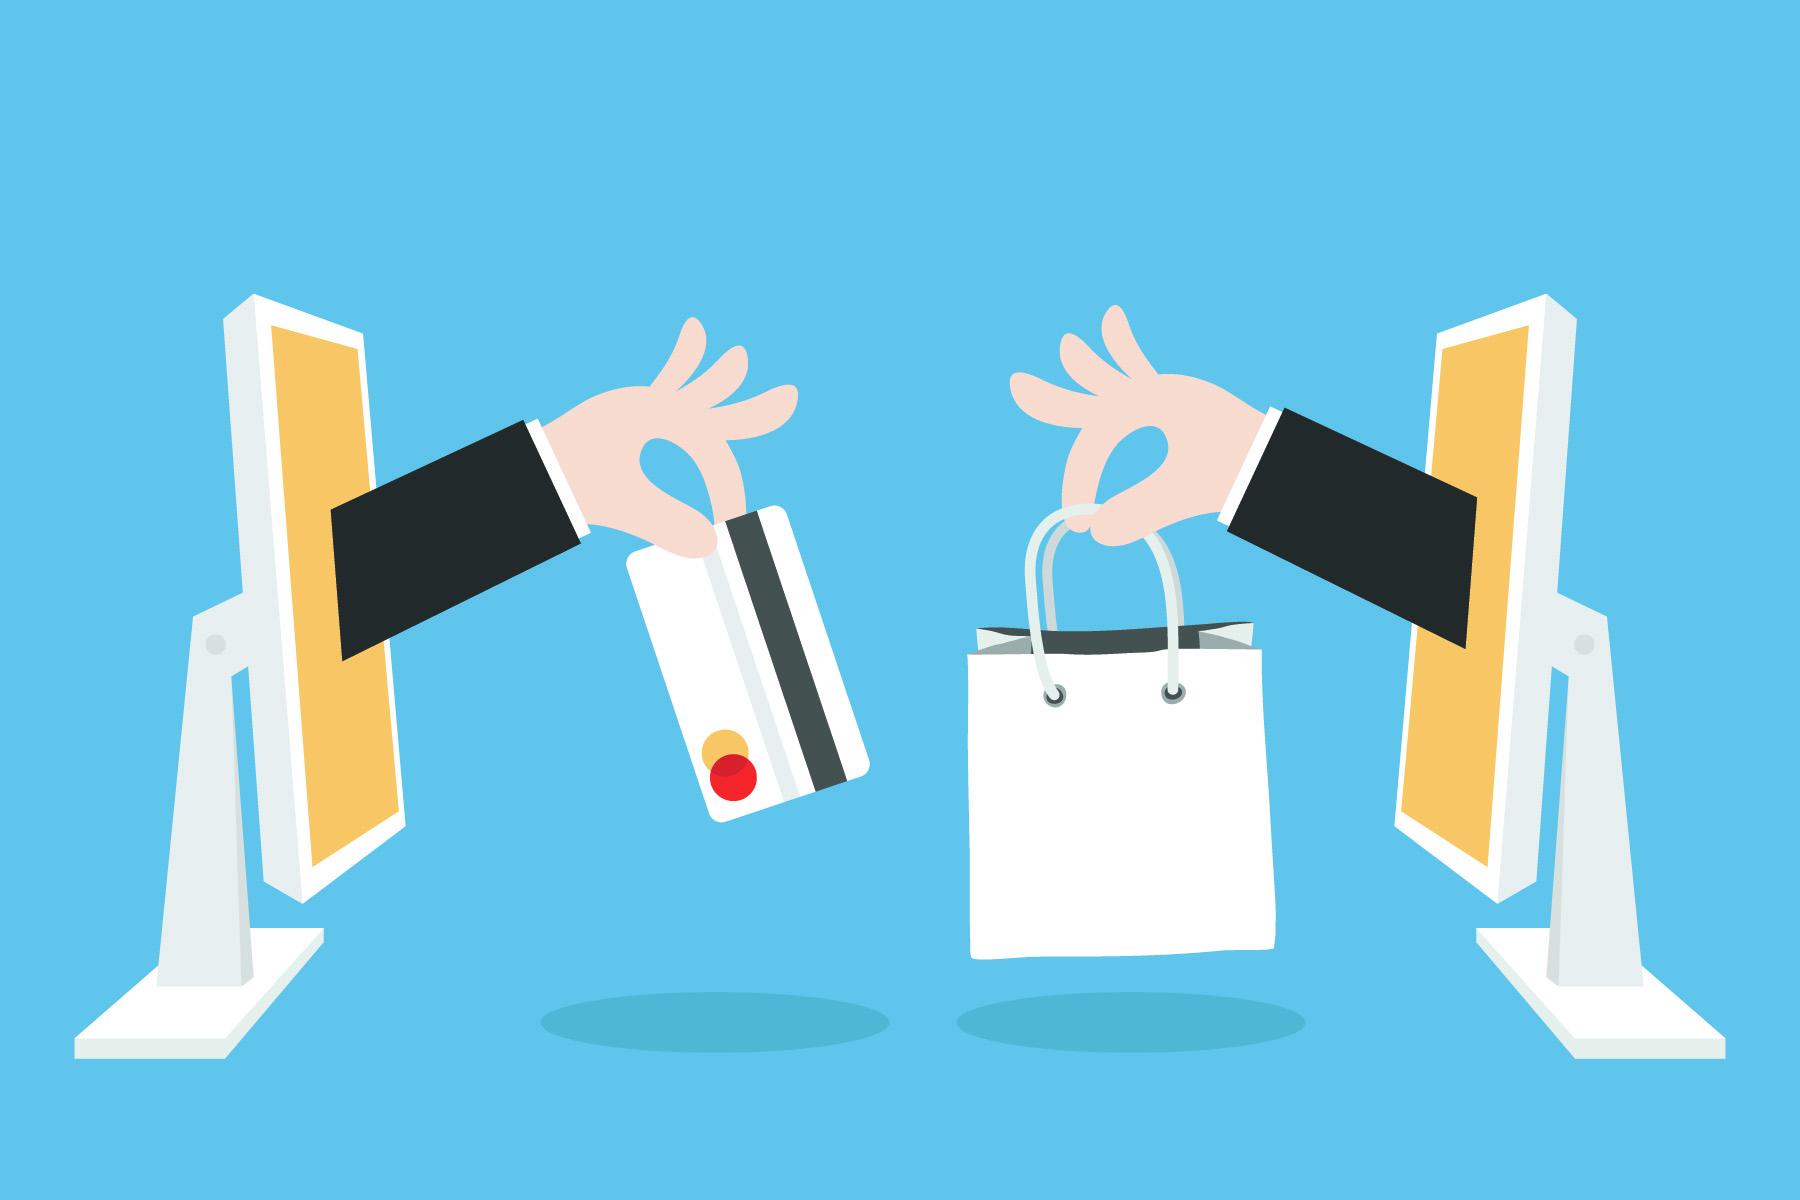 Por que abrir um e-commerce? – Um olhar por dentro do mercado